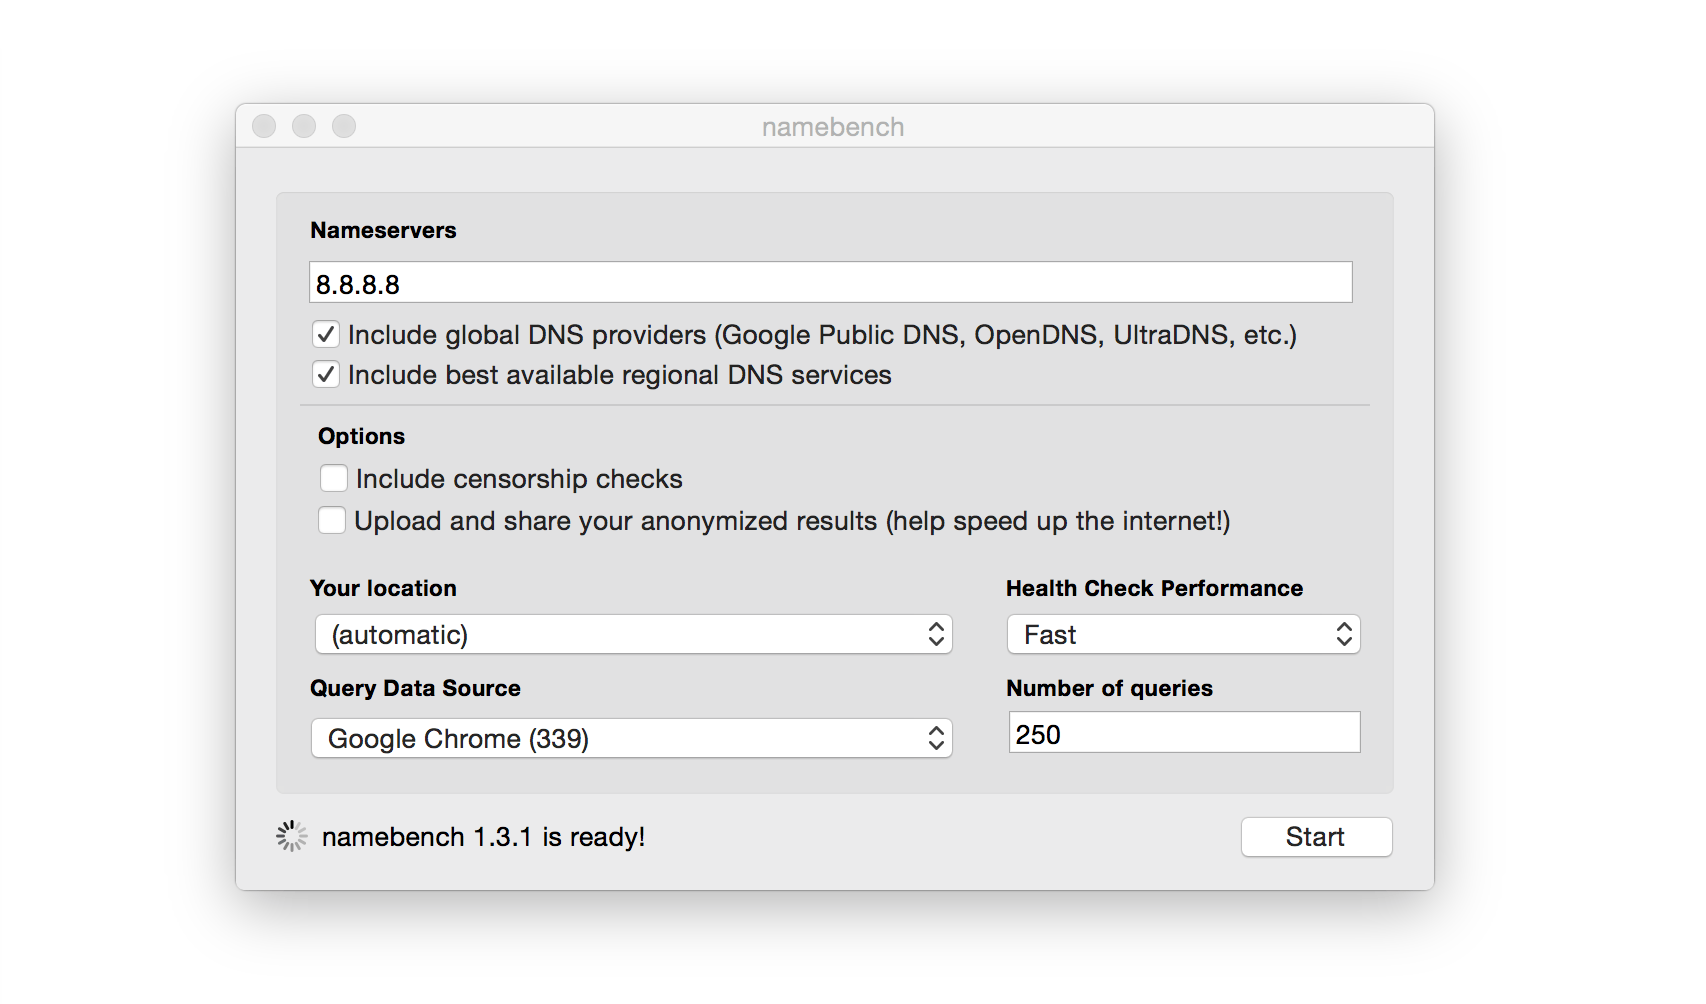 Namebench utility